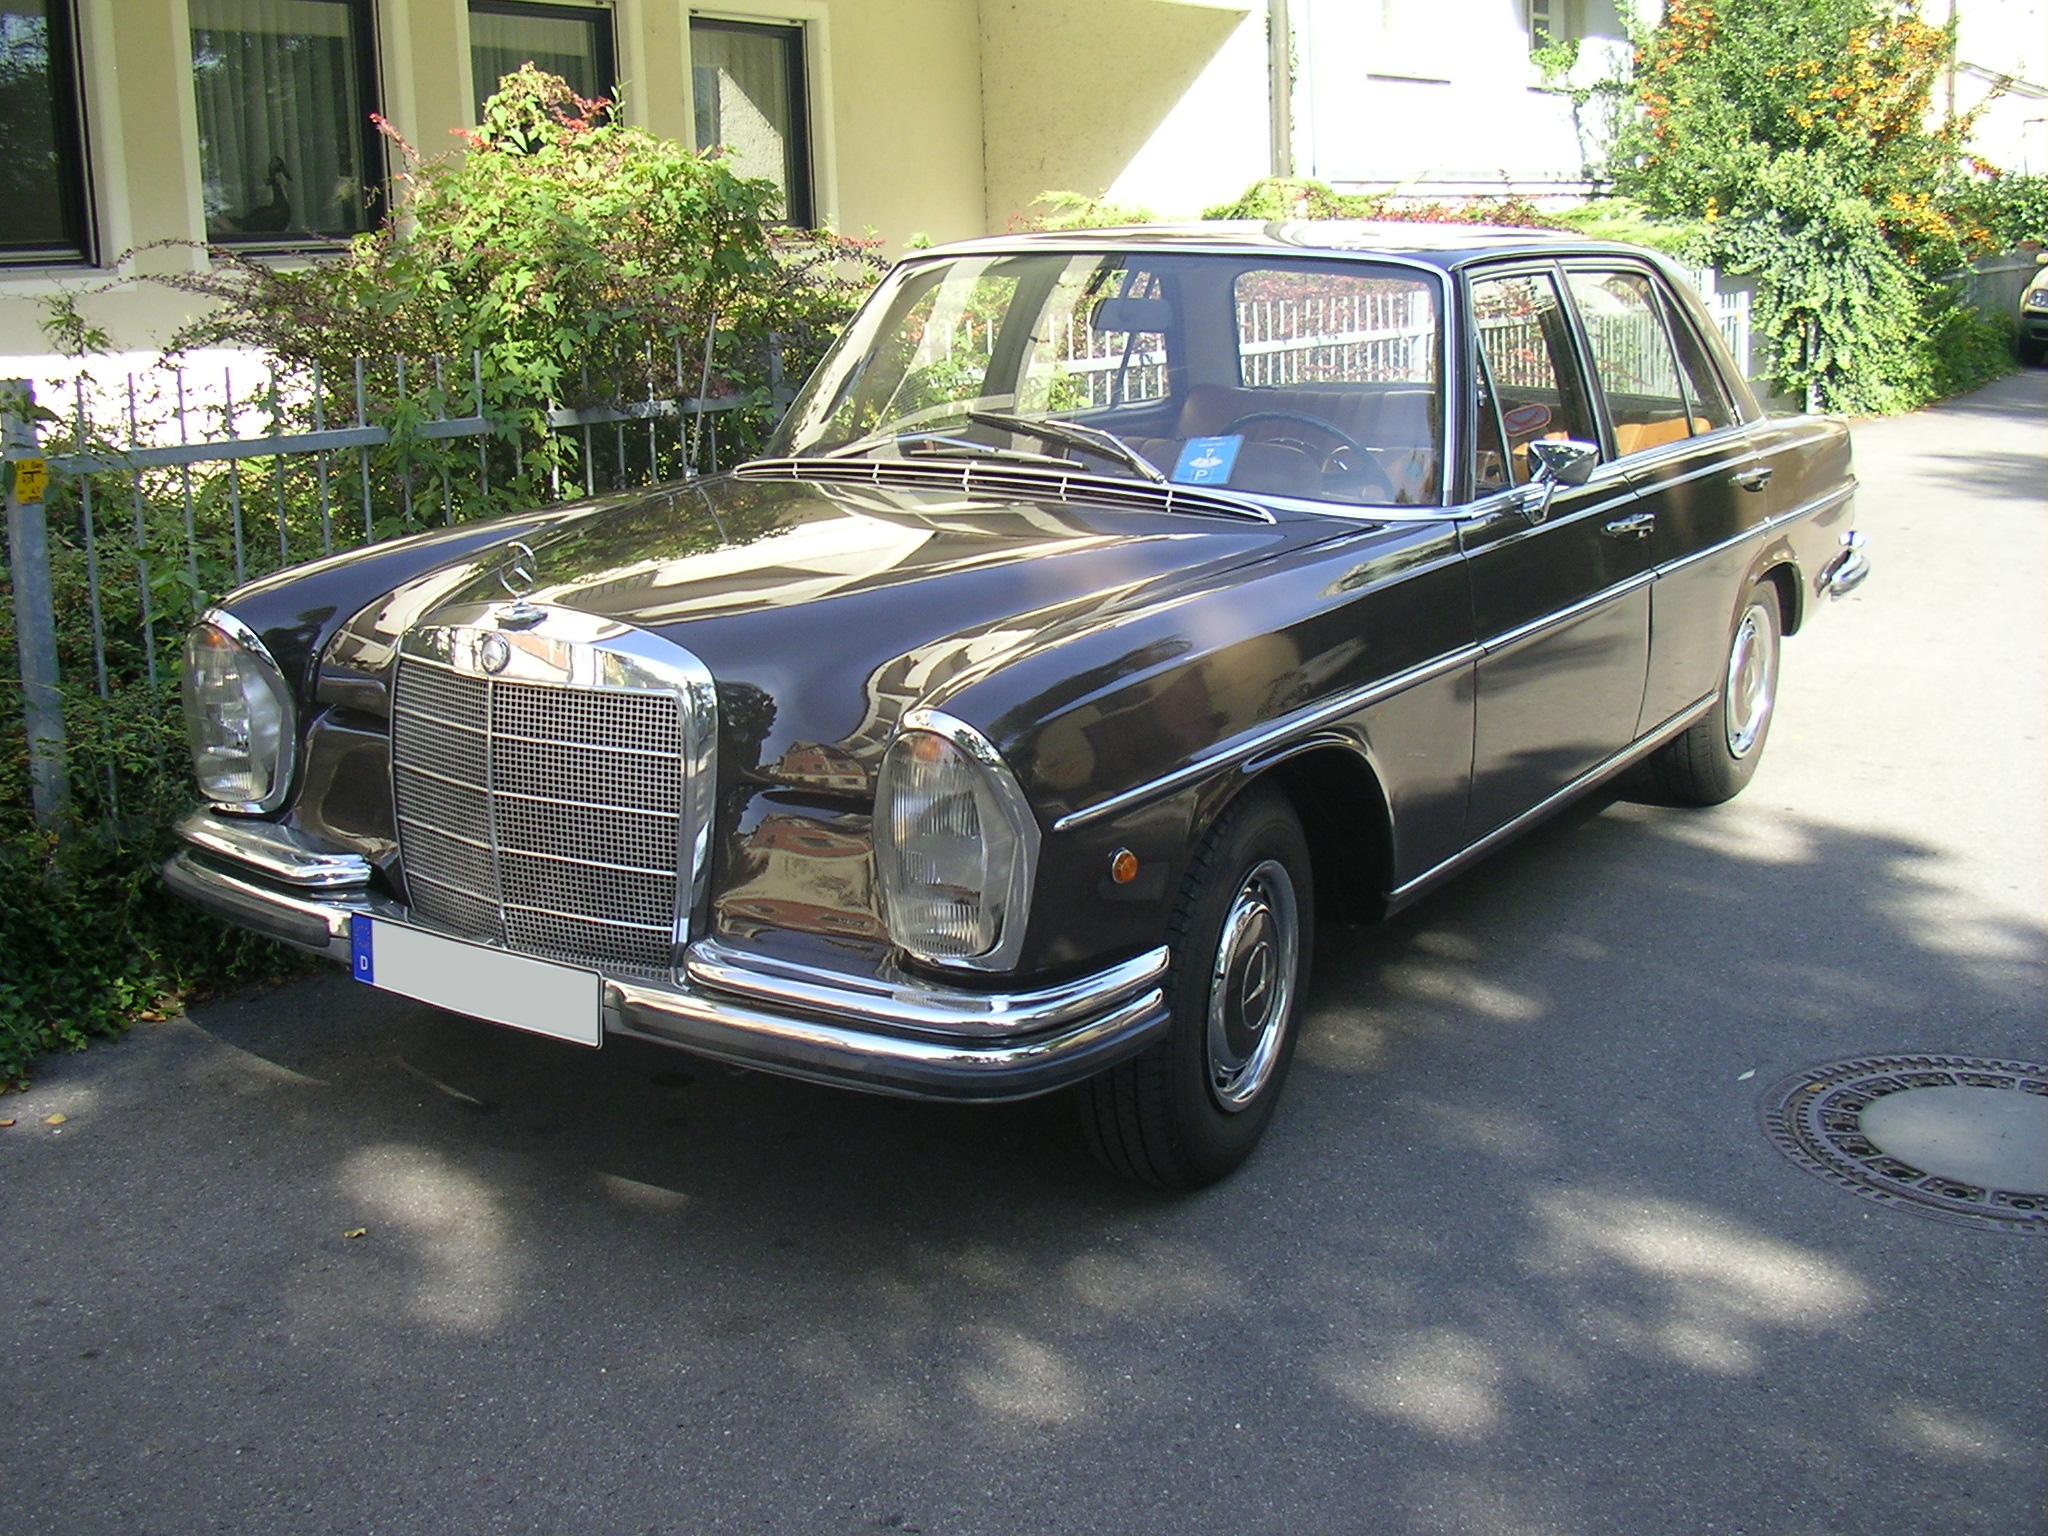 1970 mercedes benz 280 s w108 in cutlass 2007 for 2007 mercedes benz 280